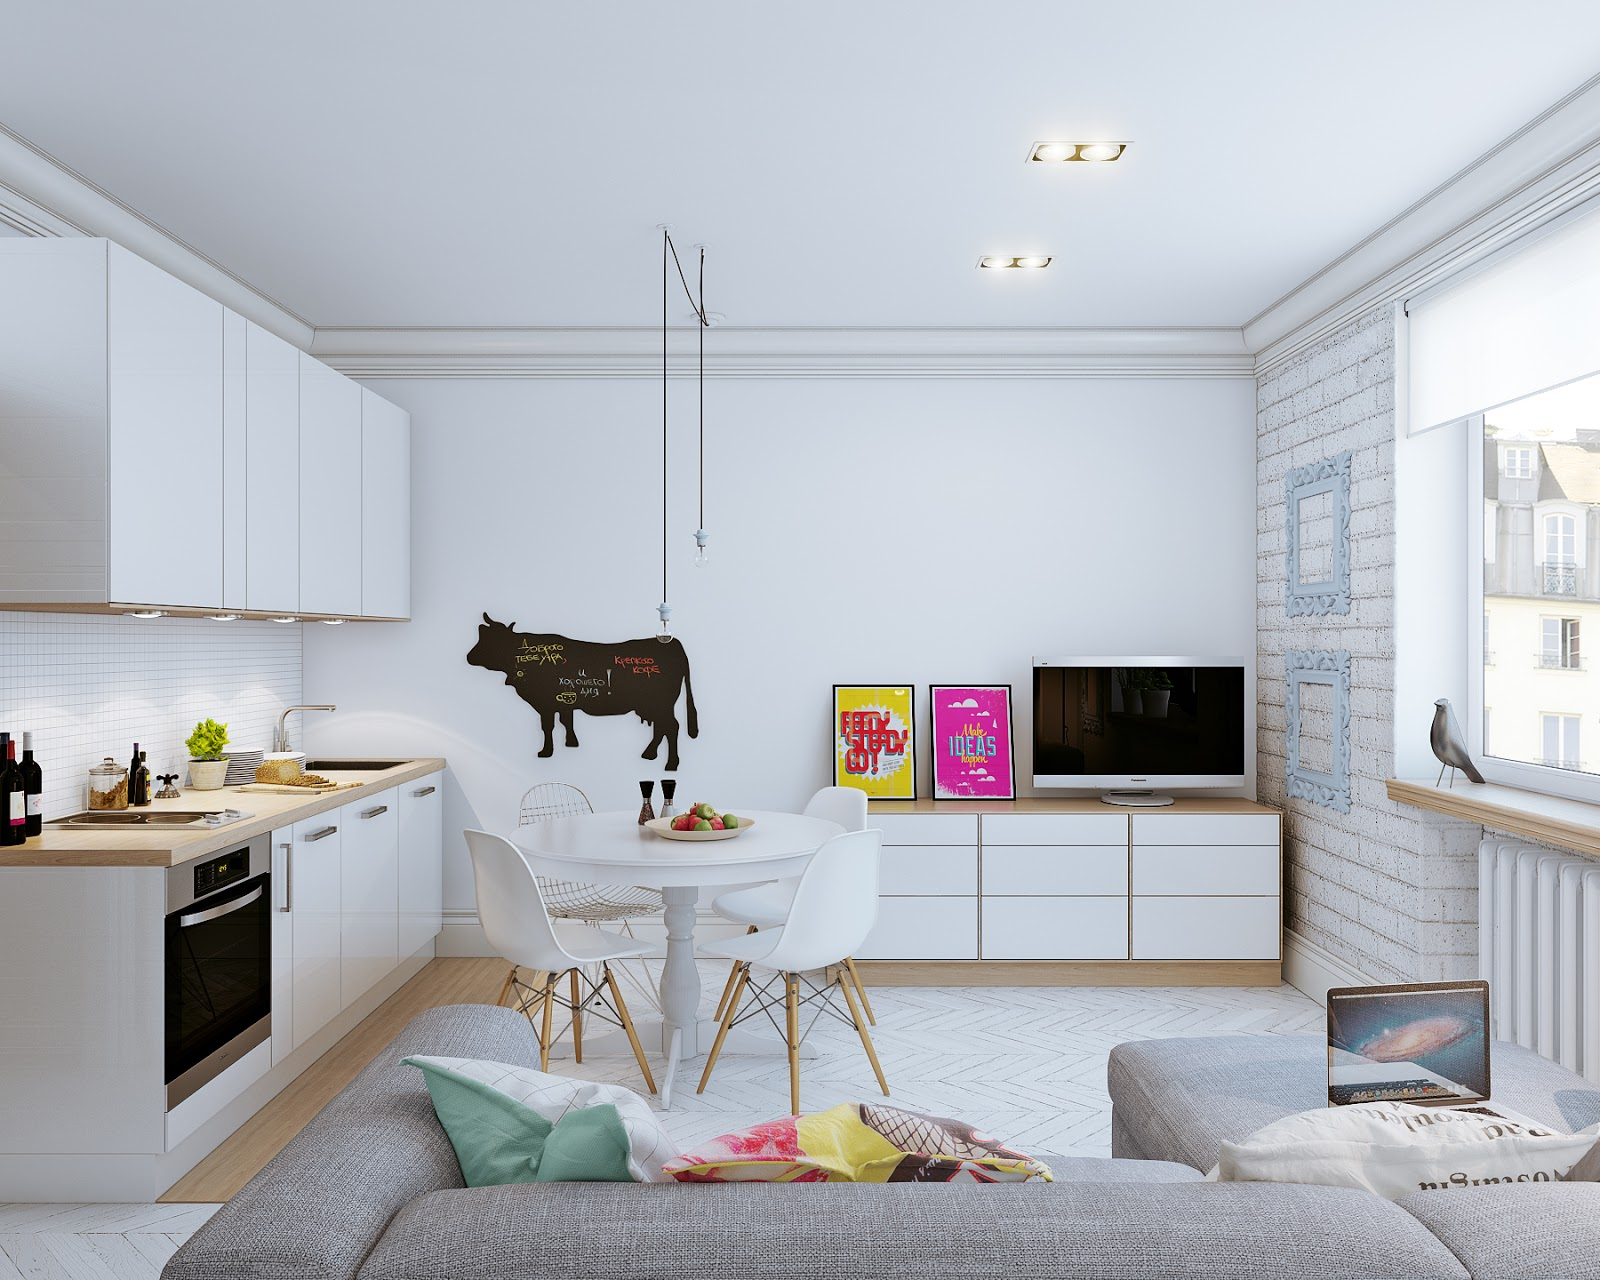 Arredare piccoli spazi giocando con i colori 25 mq for Casa italiana arredamenti